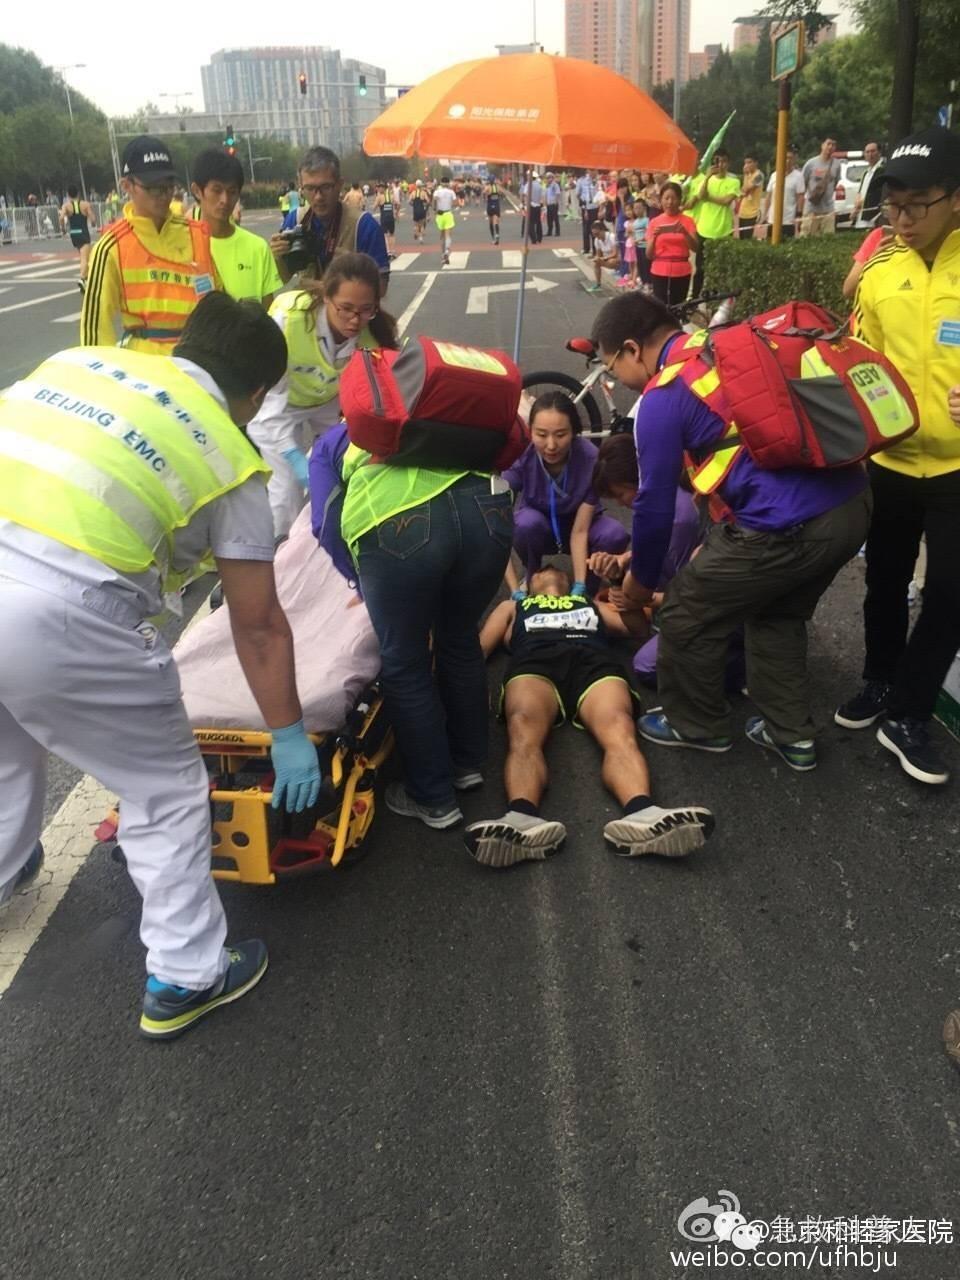 """一一这张照片(来自和睦家医院官方微博)右侧背红包的就是我,所以我敢确定的告诉你:""""患者当时没有心跳骤停!"""" 很快,也就半分钟救护车就赶到了,为什么这么快?你说为什么?因为那个APP定位到了我和37.5公里的两个AED急救员的位置了!上救护车以后,患者也没有心跳骤停,下图是救护车上的医生护士在准备给患者测量血压和做心电图。"""